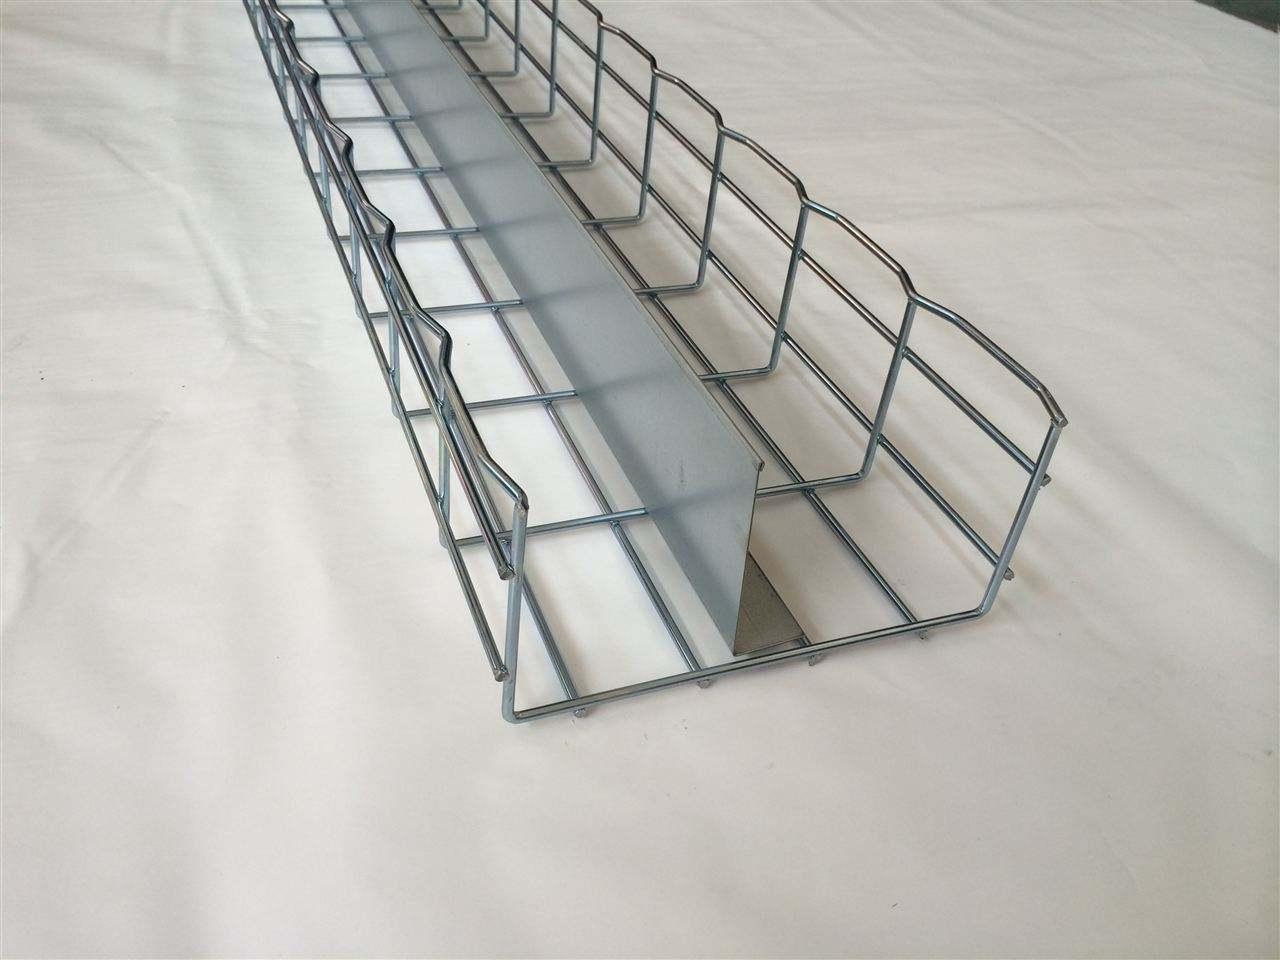 银川口碑好的网格桥架供应商,乌兰察布网格桥架价格